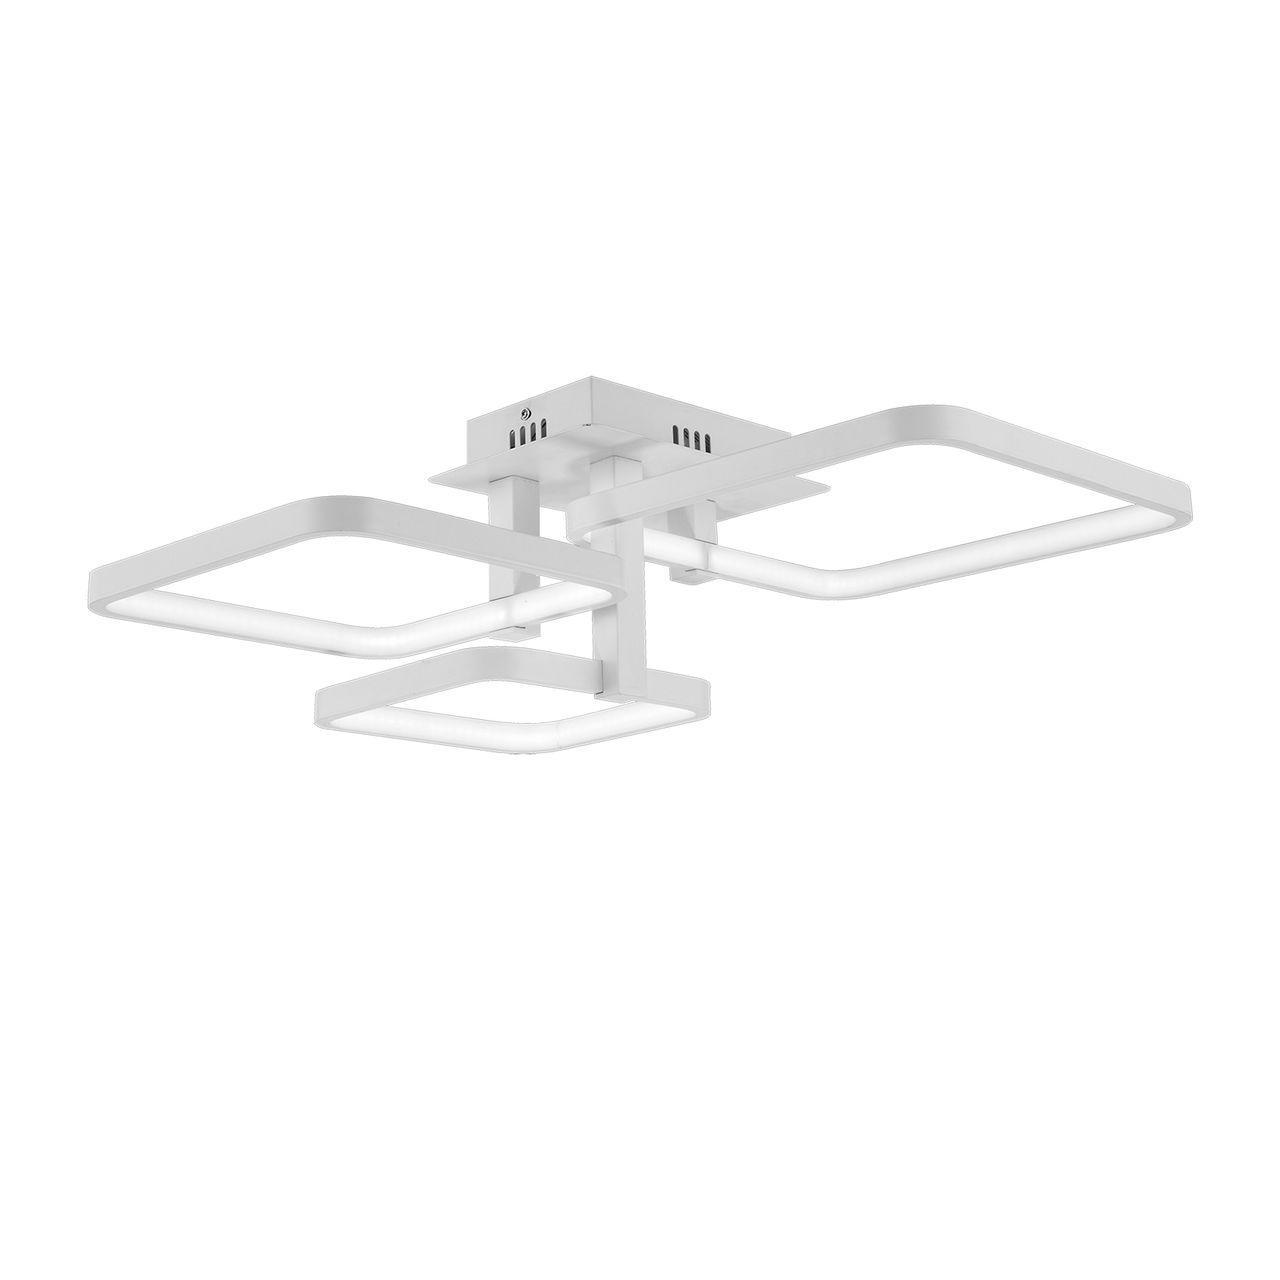 Купить Потолочный светодиодный светильник ST Luce Erto SL в интернет магазине дизайнерской мебели и аксессуаров для дома и дачи